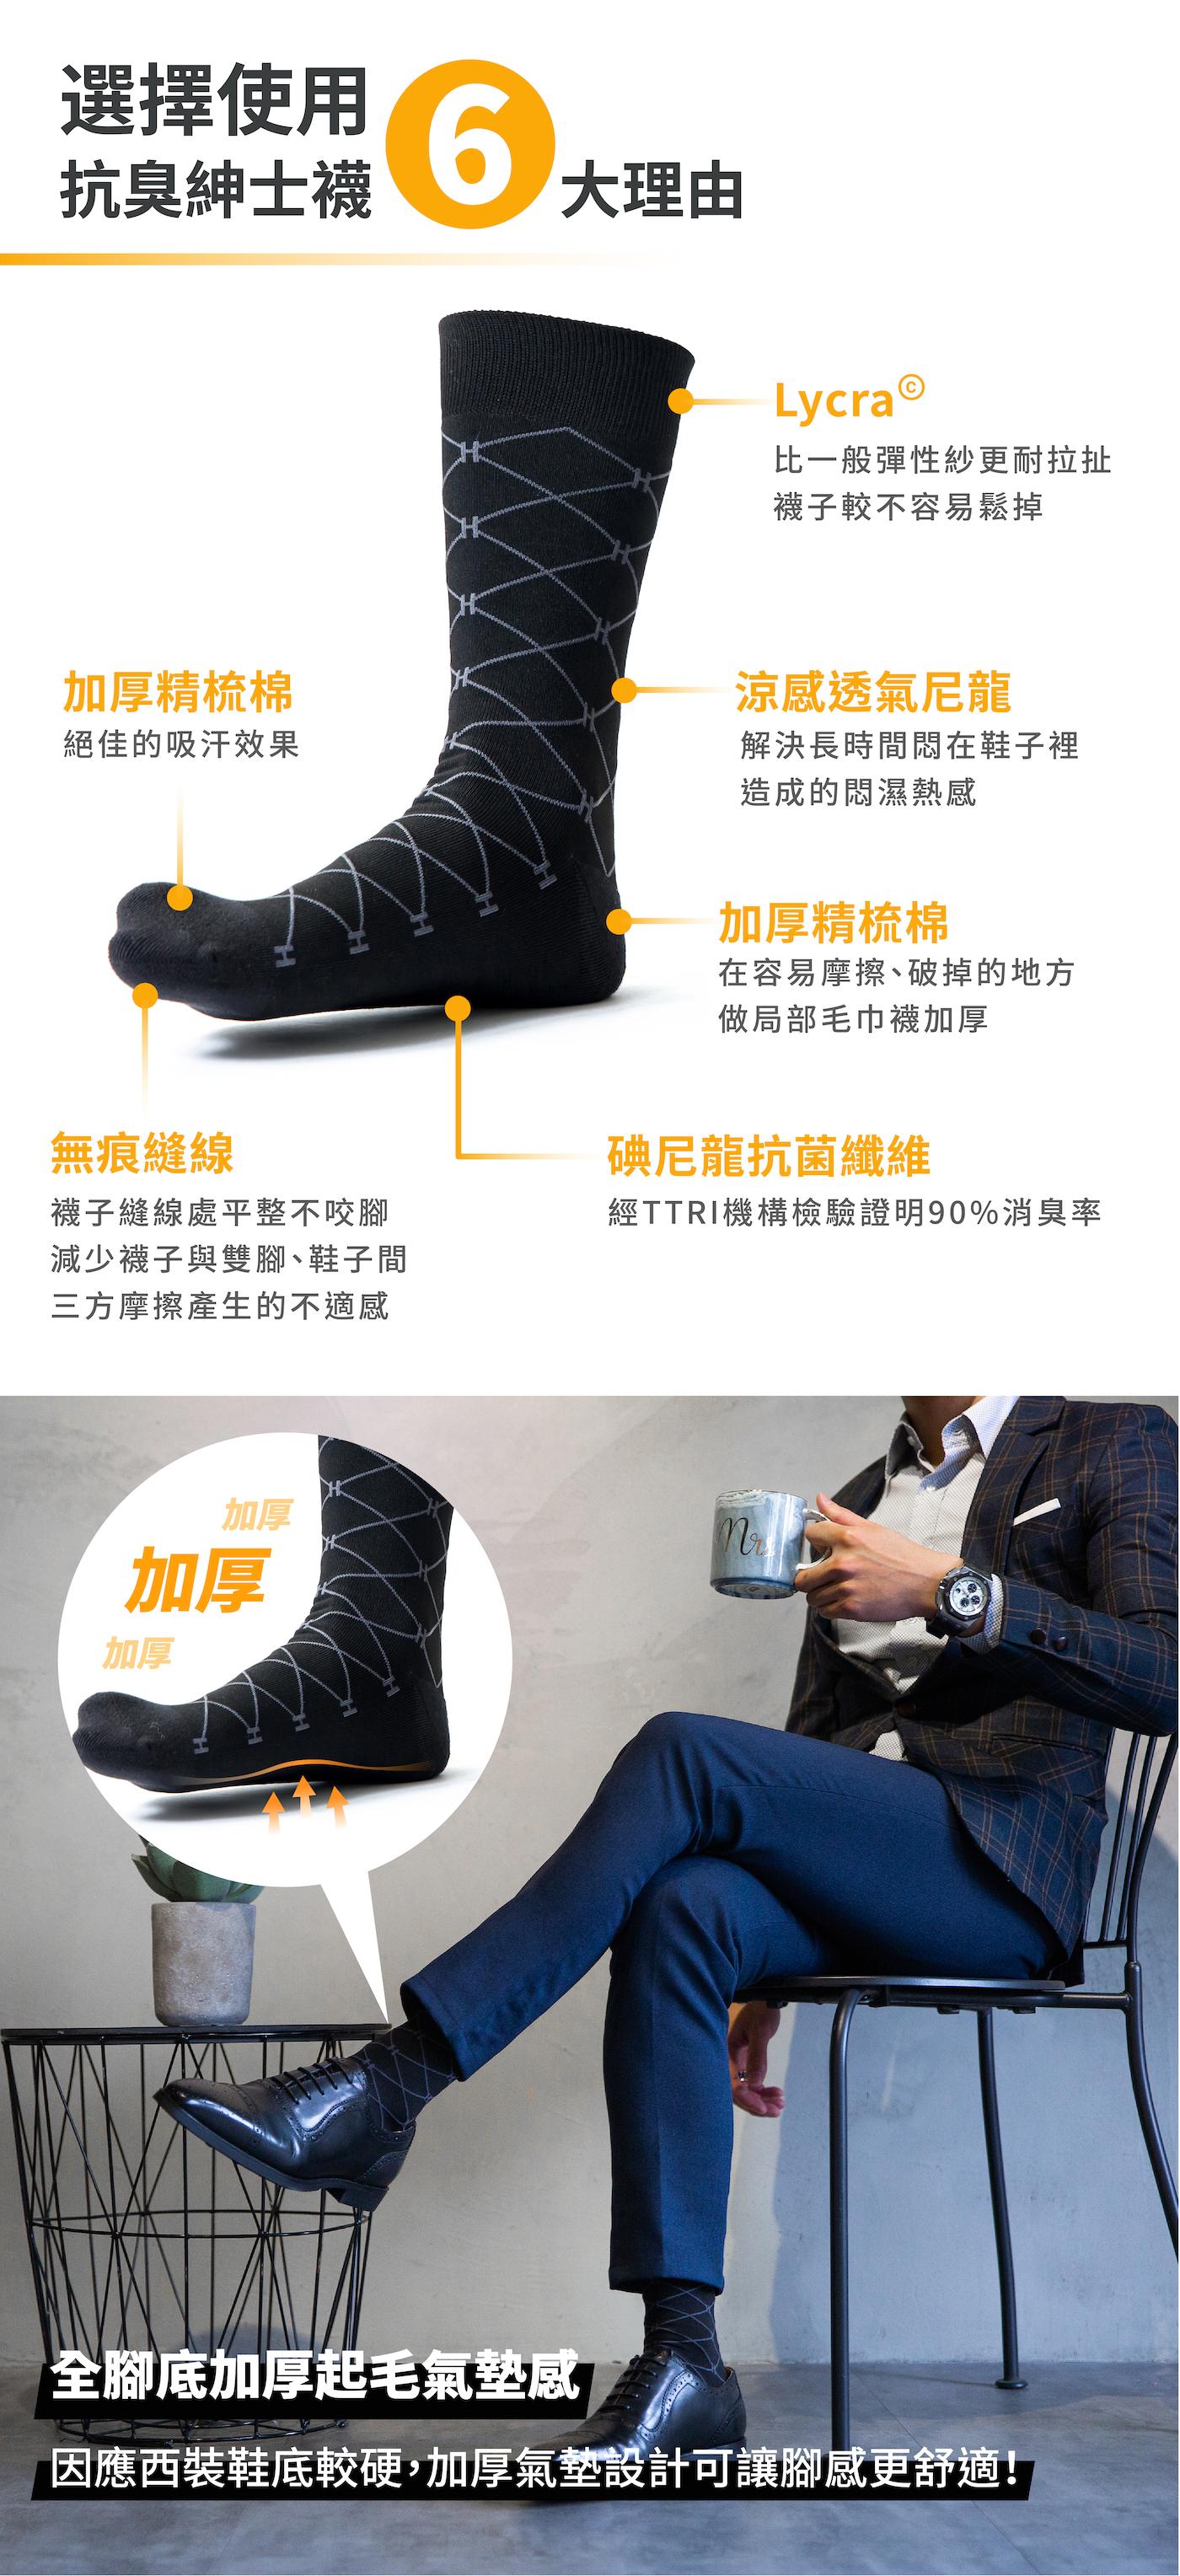 符合台灣悶熱氣候的設計,久穿依舊舒適